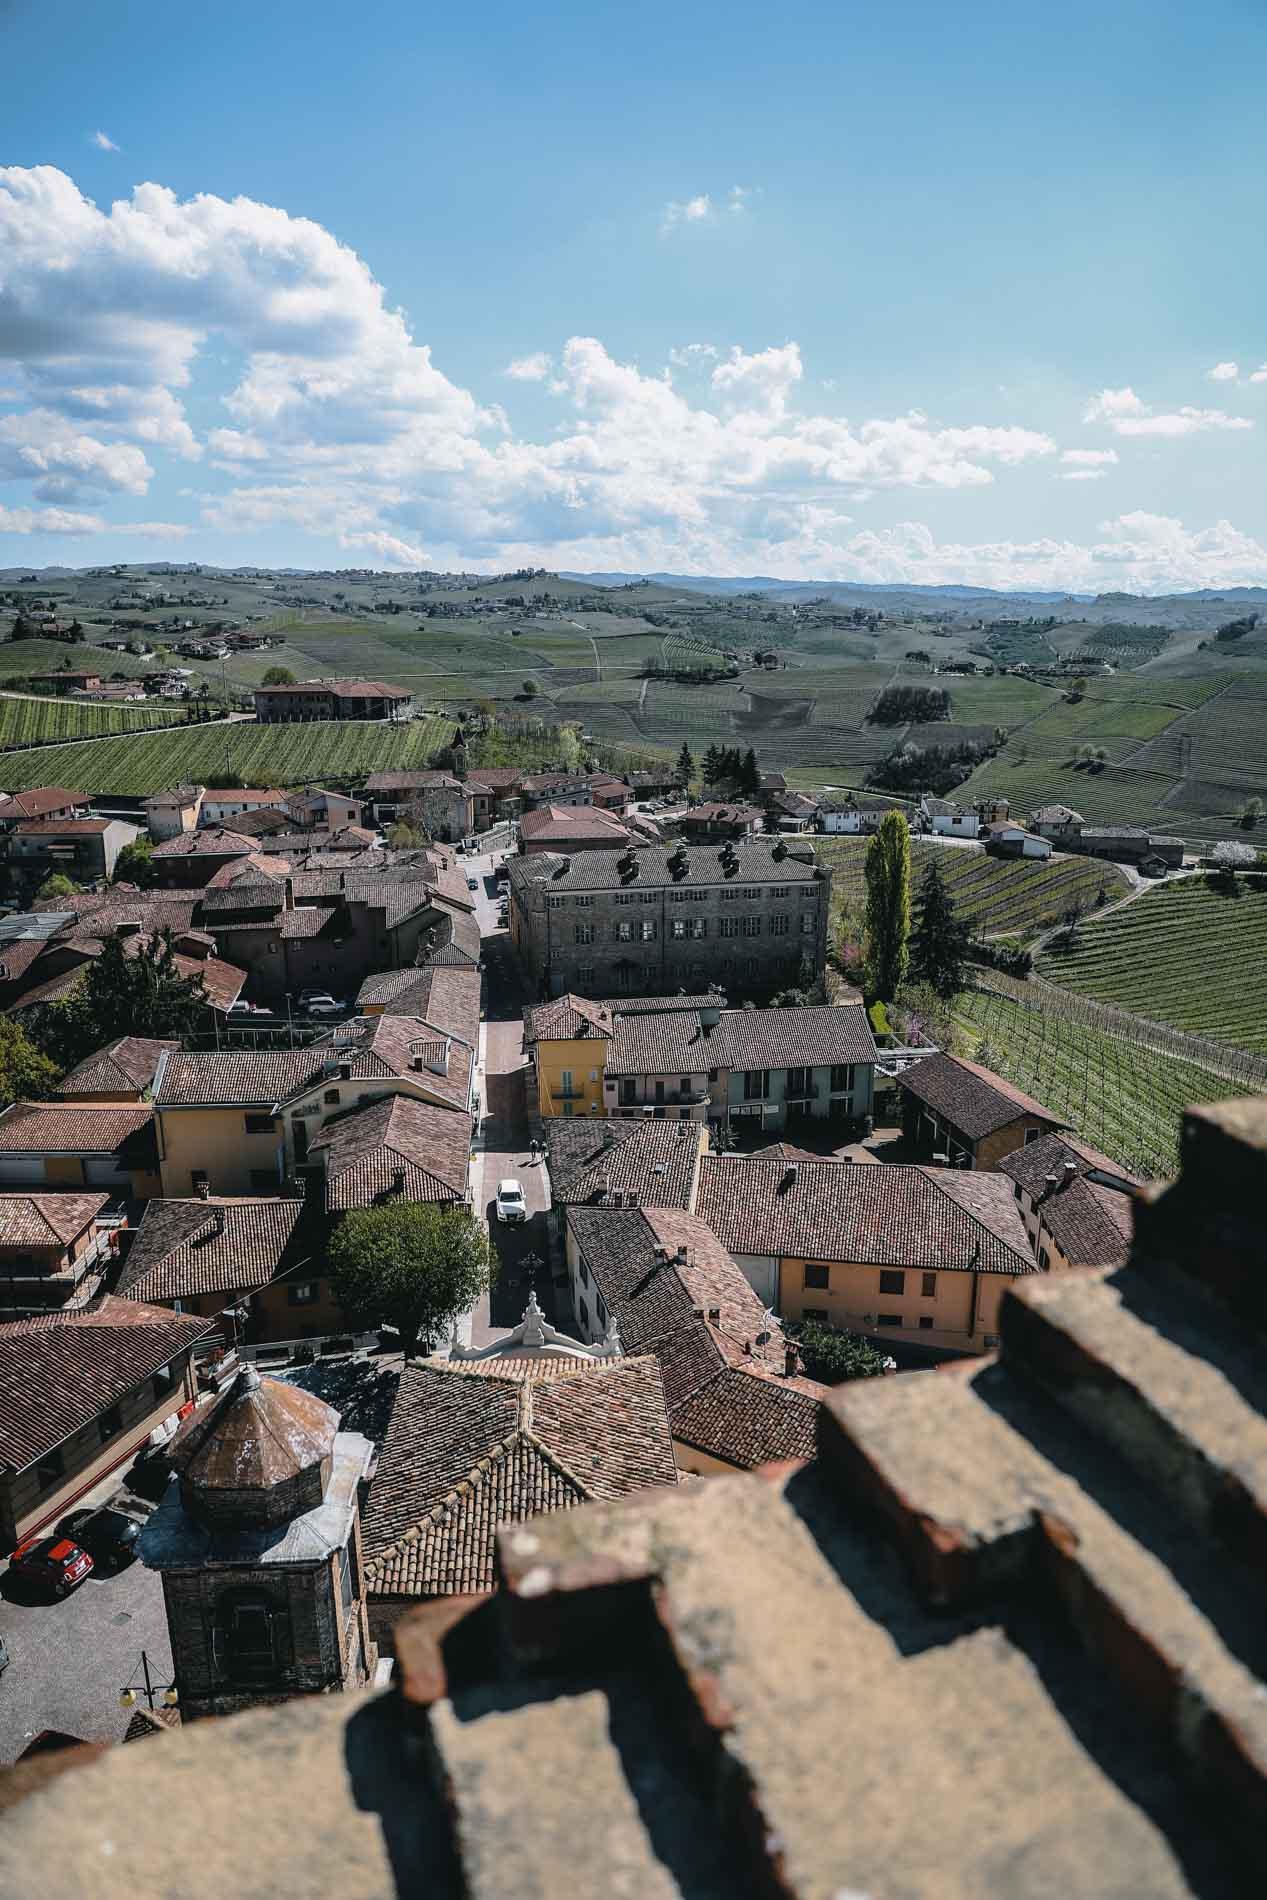 Barbaresco ist nicht nur im Piemont einer der bekanntesten Weinorte, sondern in ganz Italien. Inklusive kostenlosem Wohnmobilstellplatz